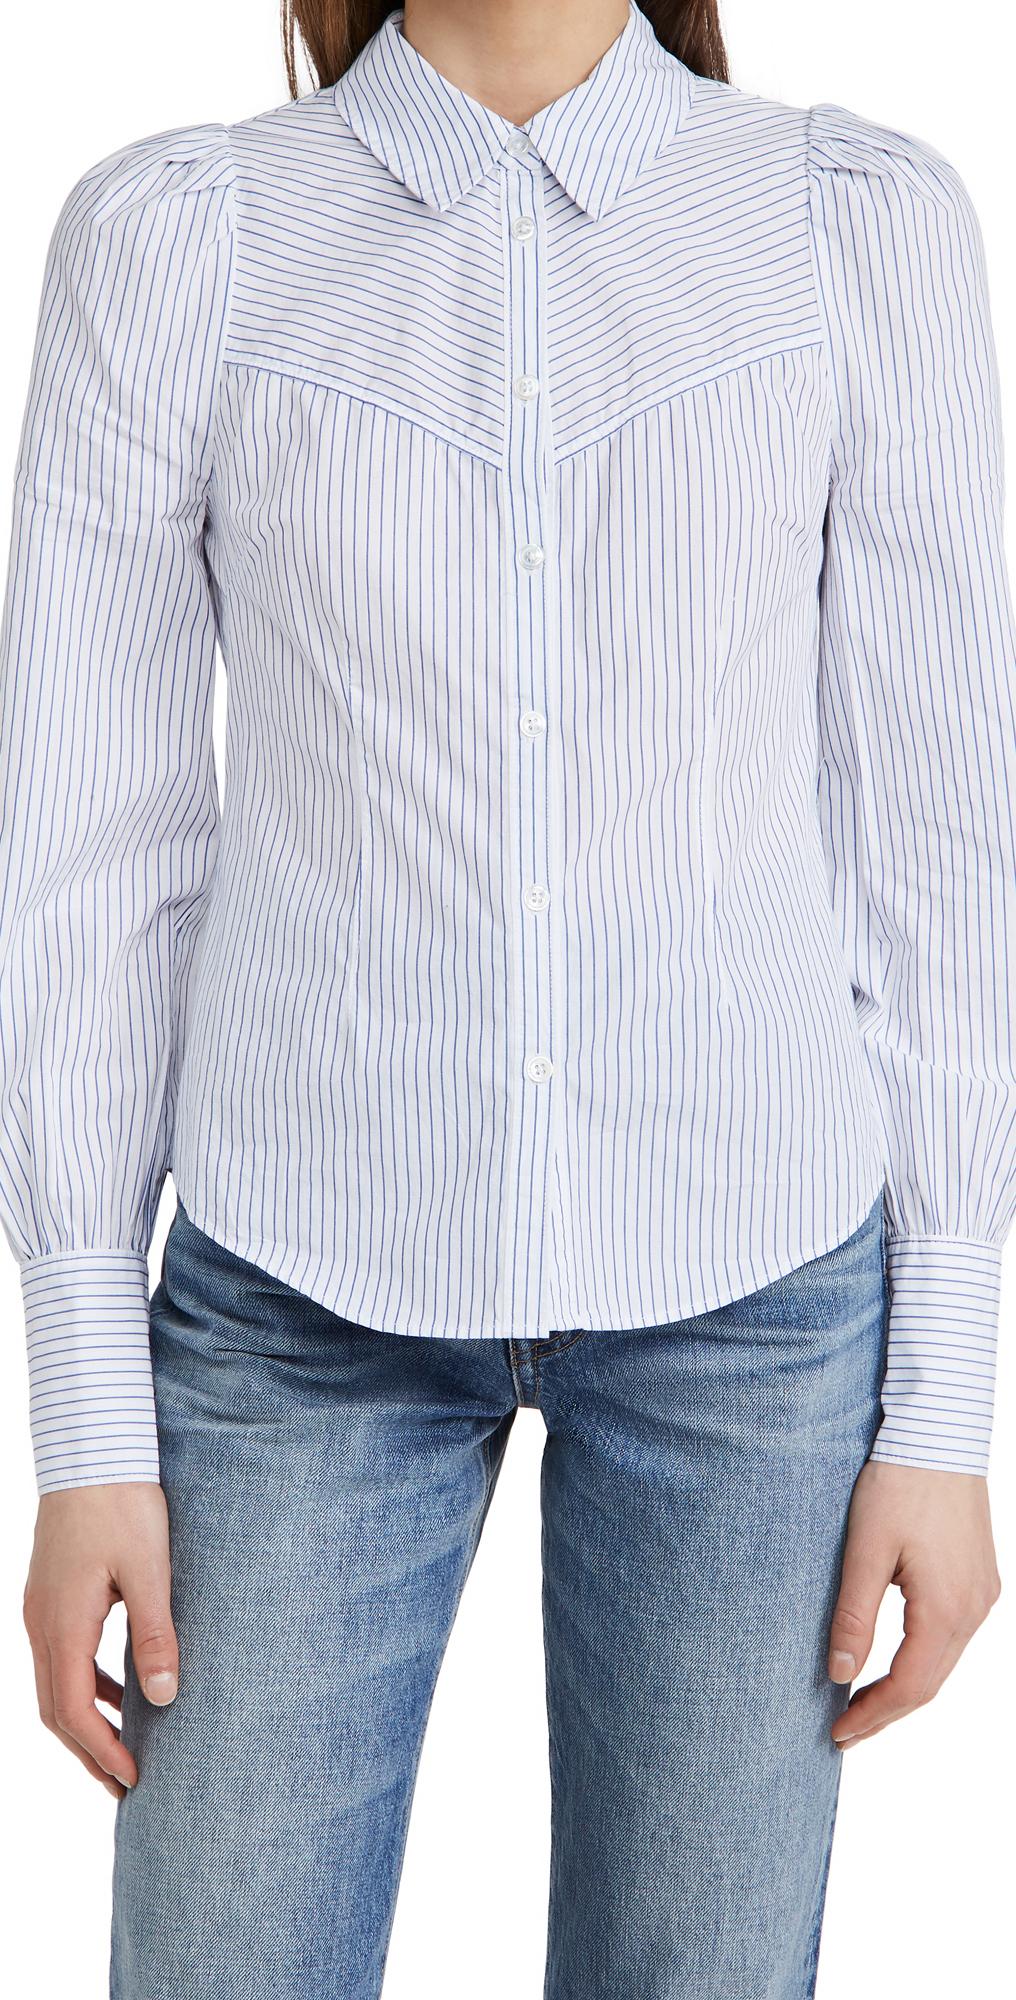 Veronica Beard Jean Verani Shirt